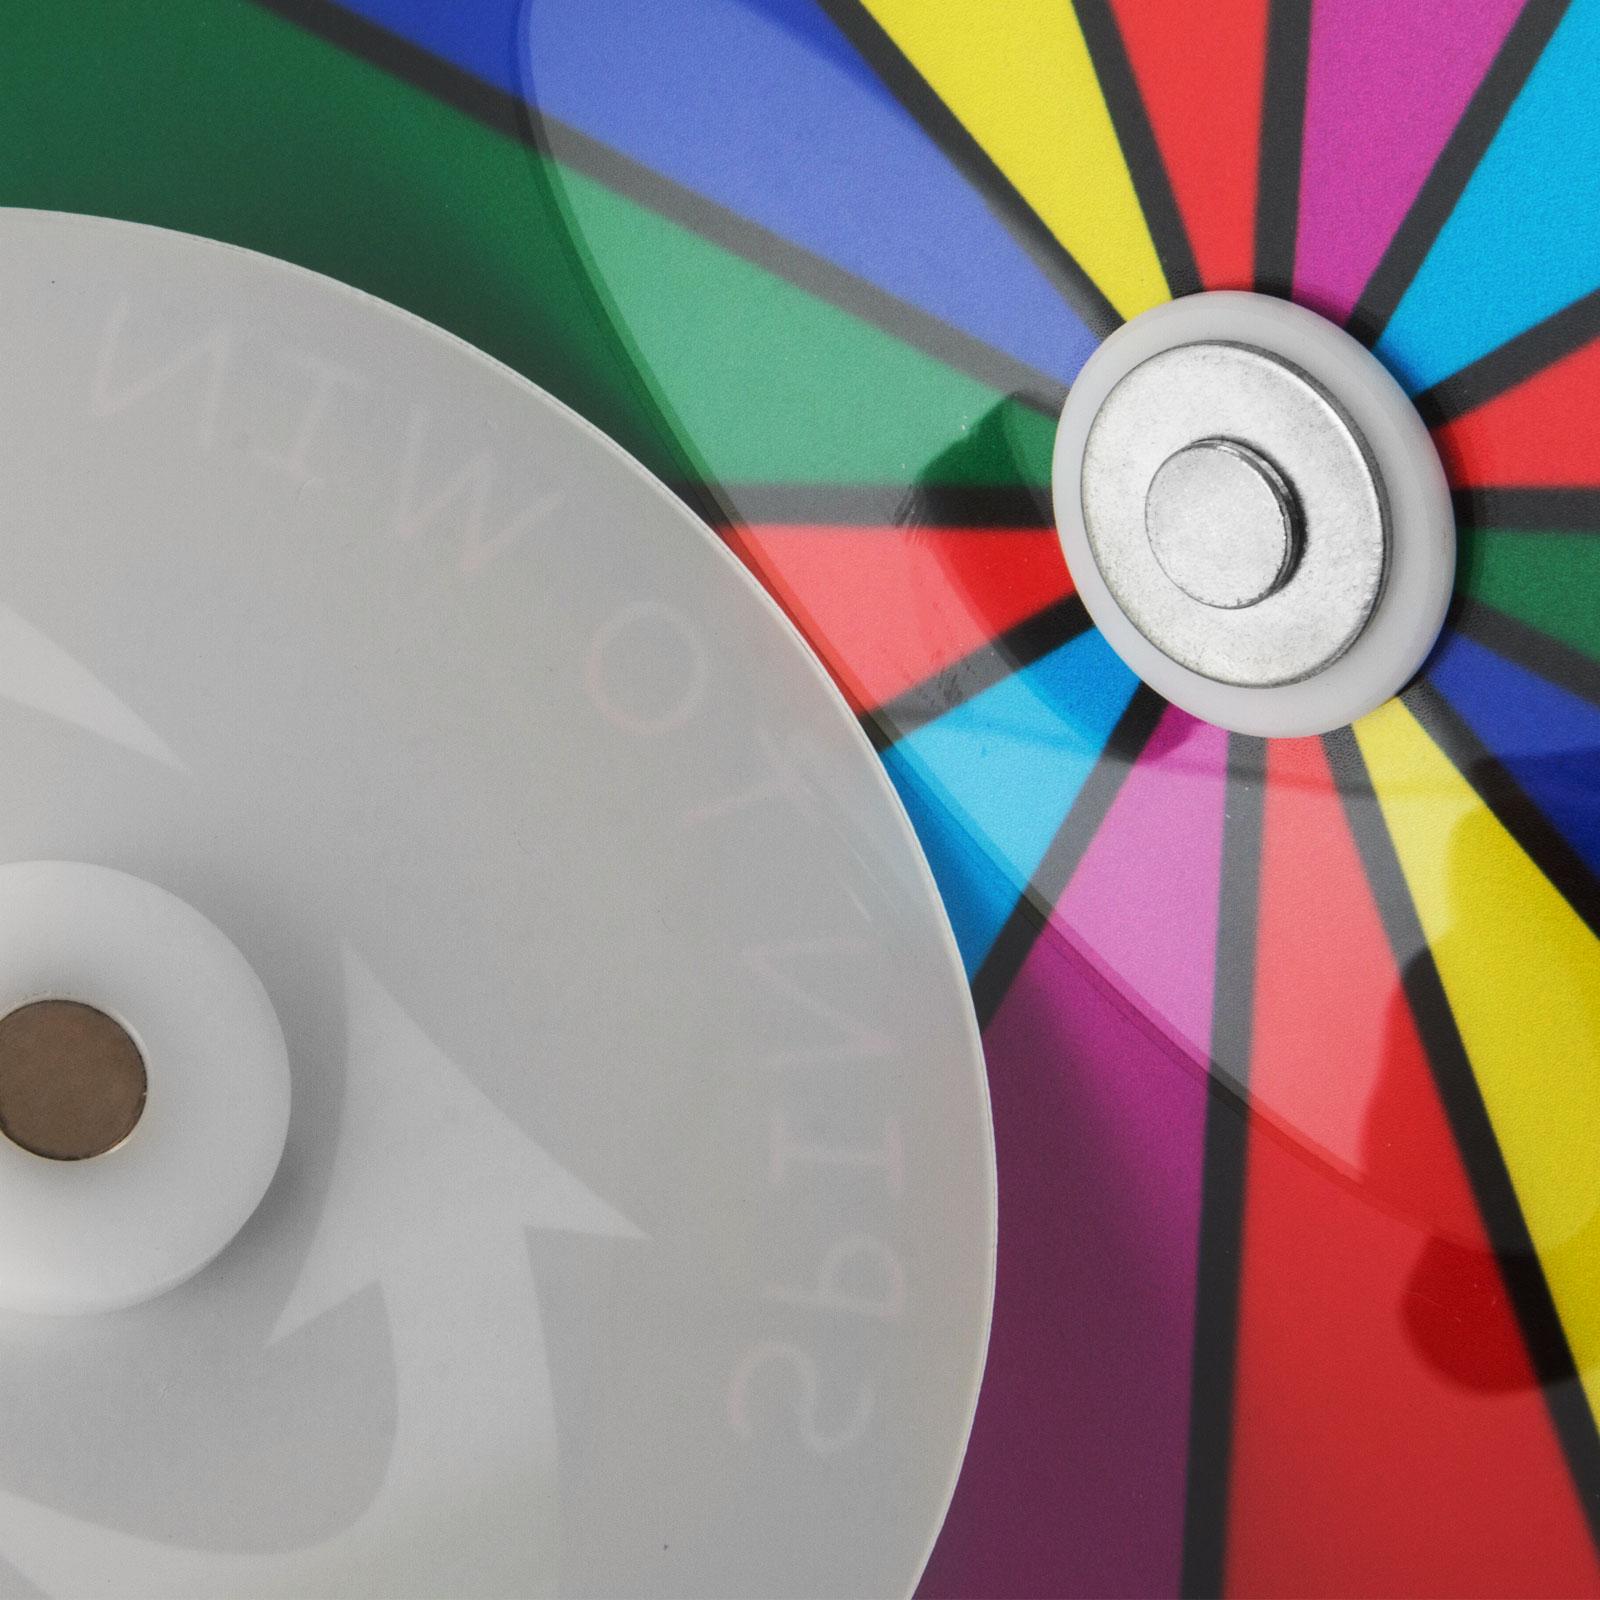 24-18-15-Ruota-Della-Fortuna-di-Colore-14-Slots-Gioco-Spin-Con-Supporto-Festa miniatura 84